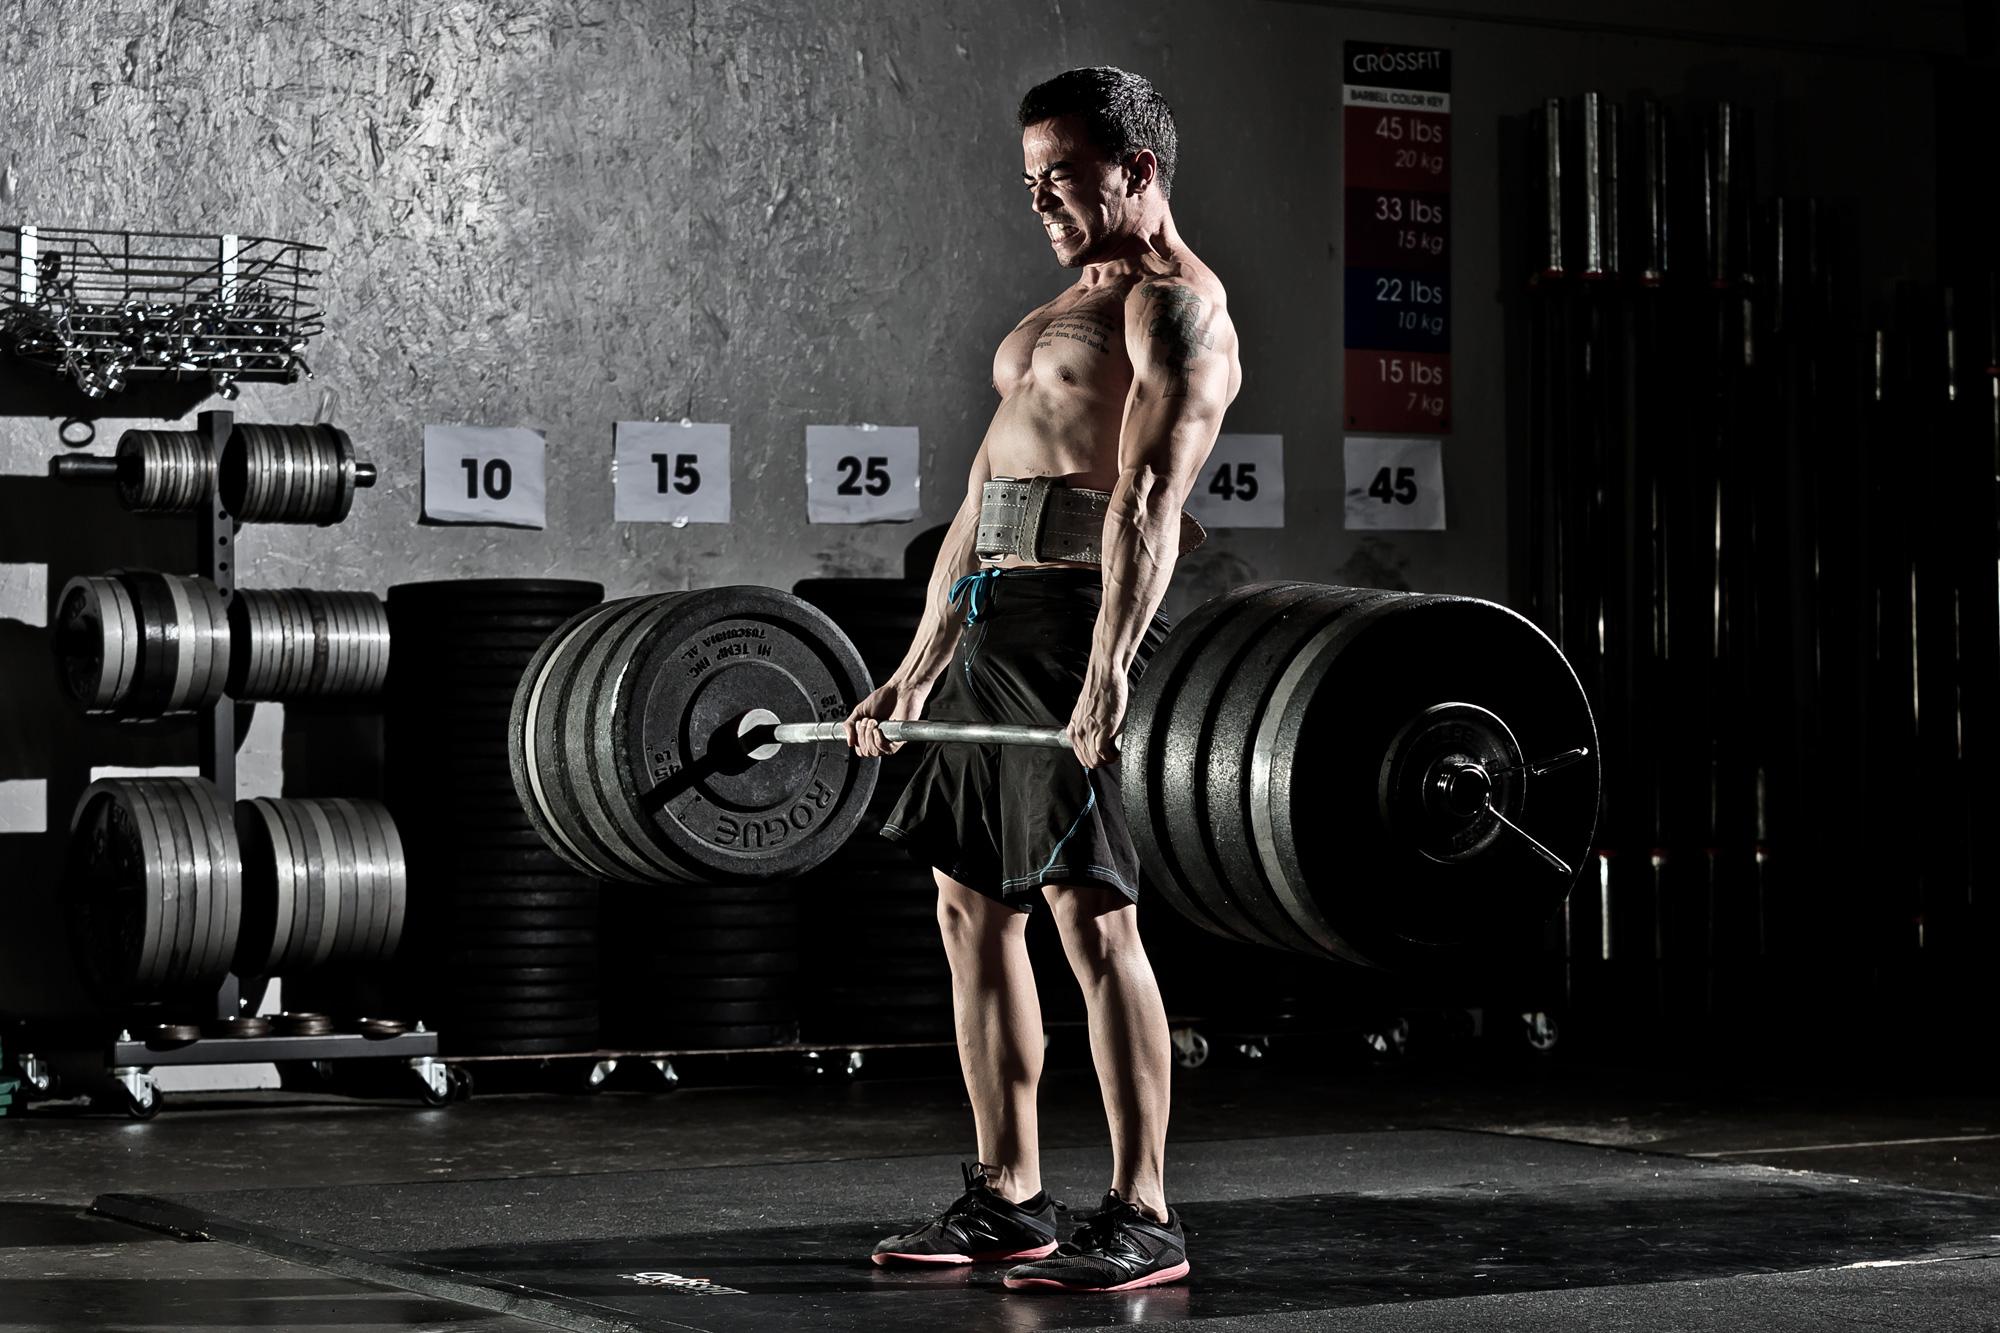 Conheça o CrossFit, o exercício que promete te deixar com o corpo mais 'durinho'